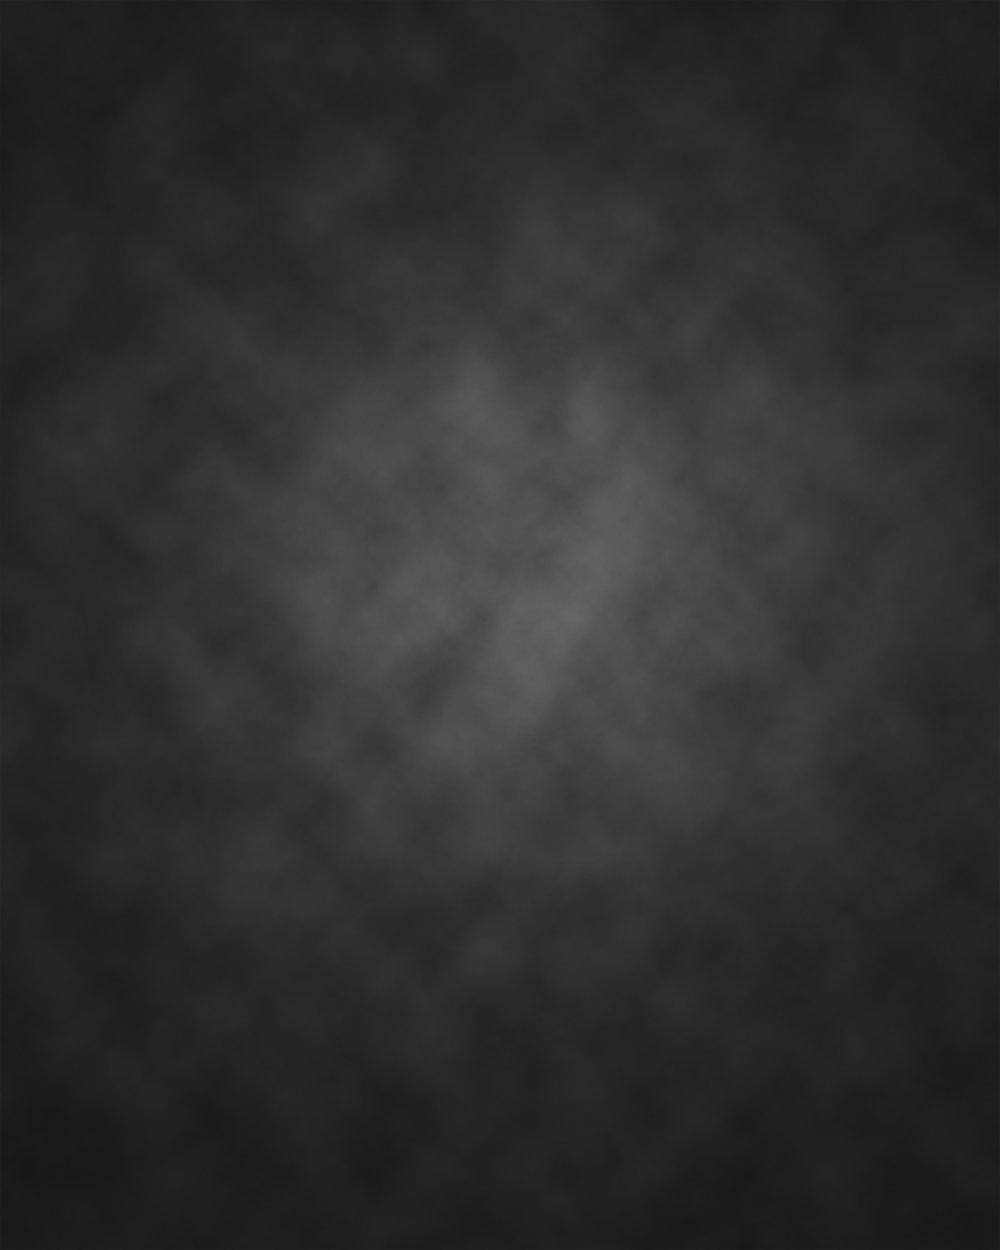 Background Option #4 - Grey